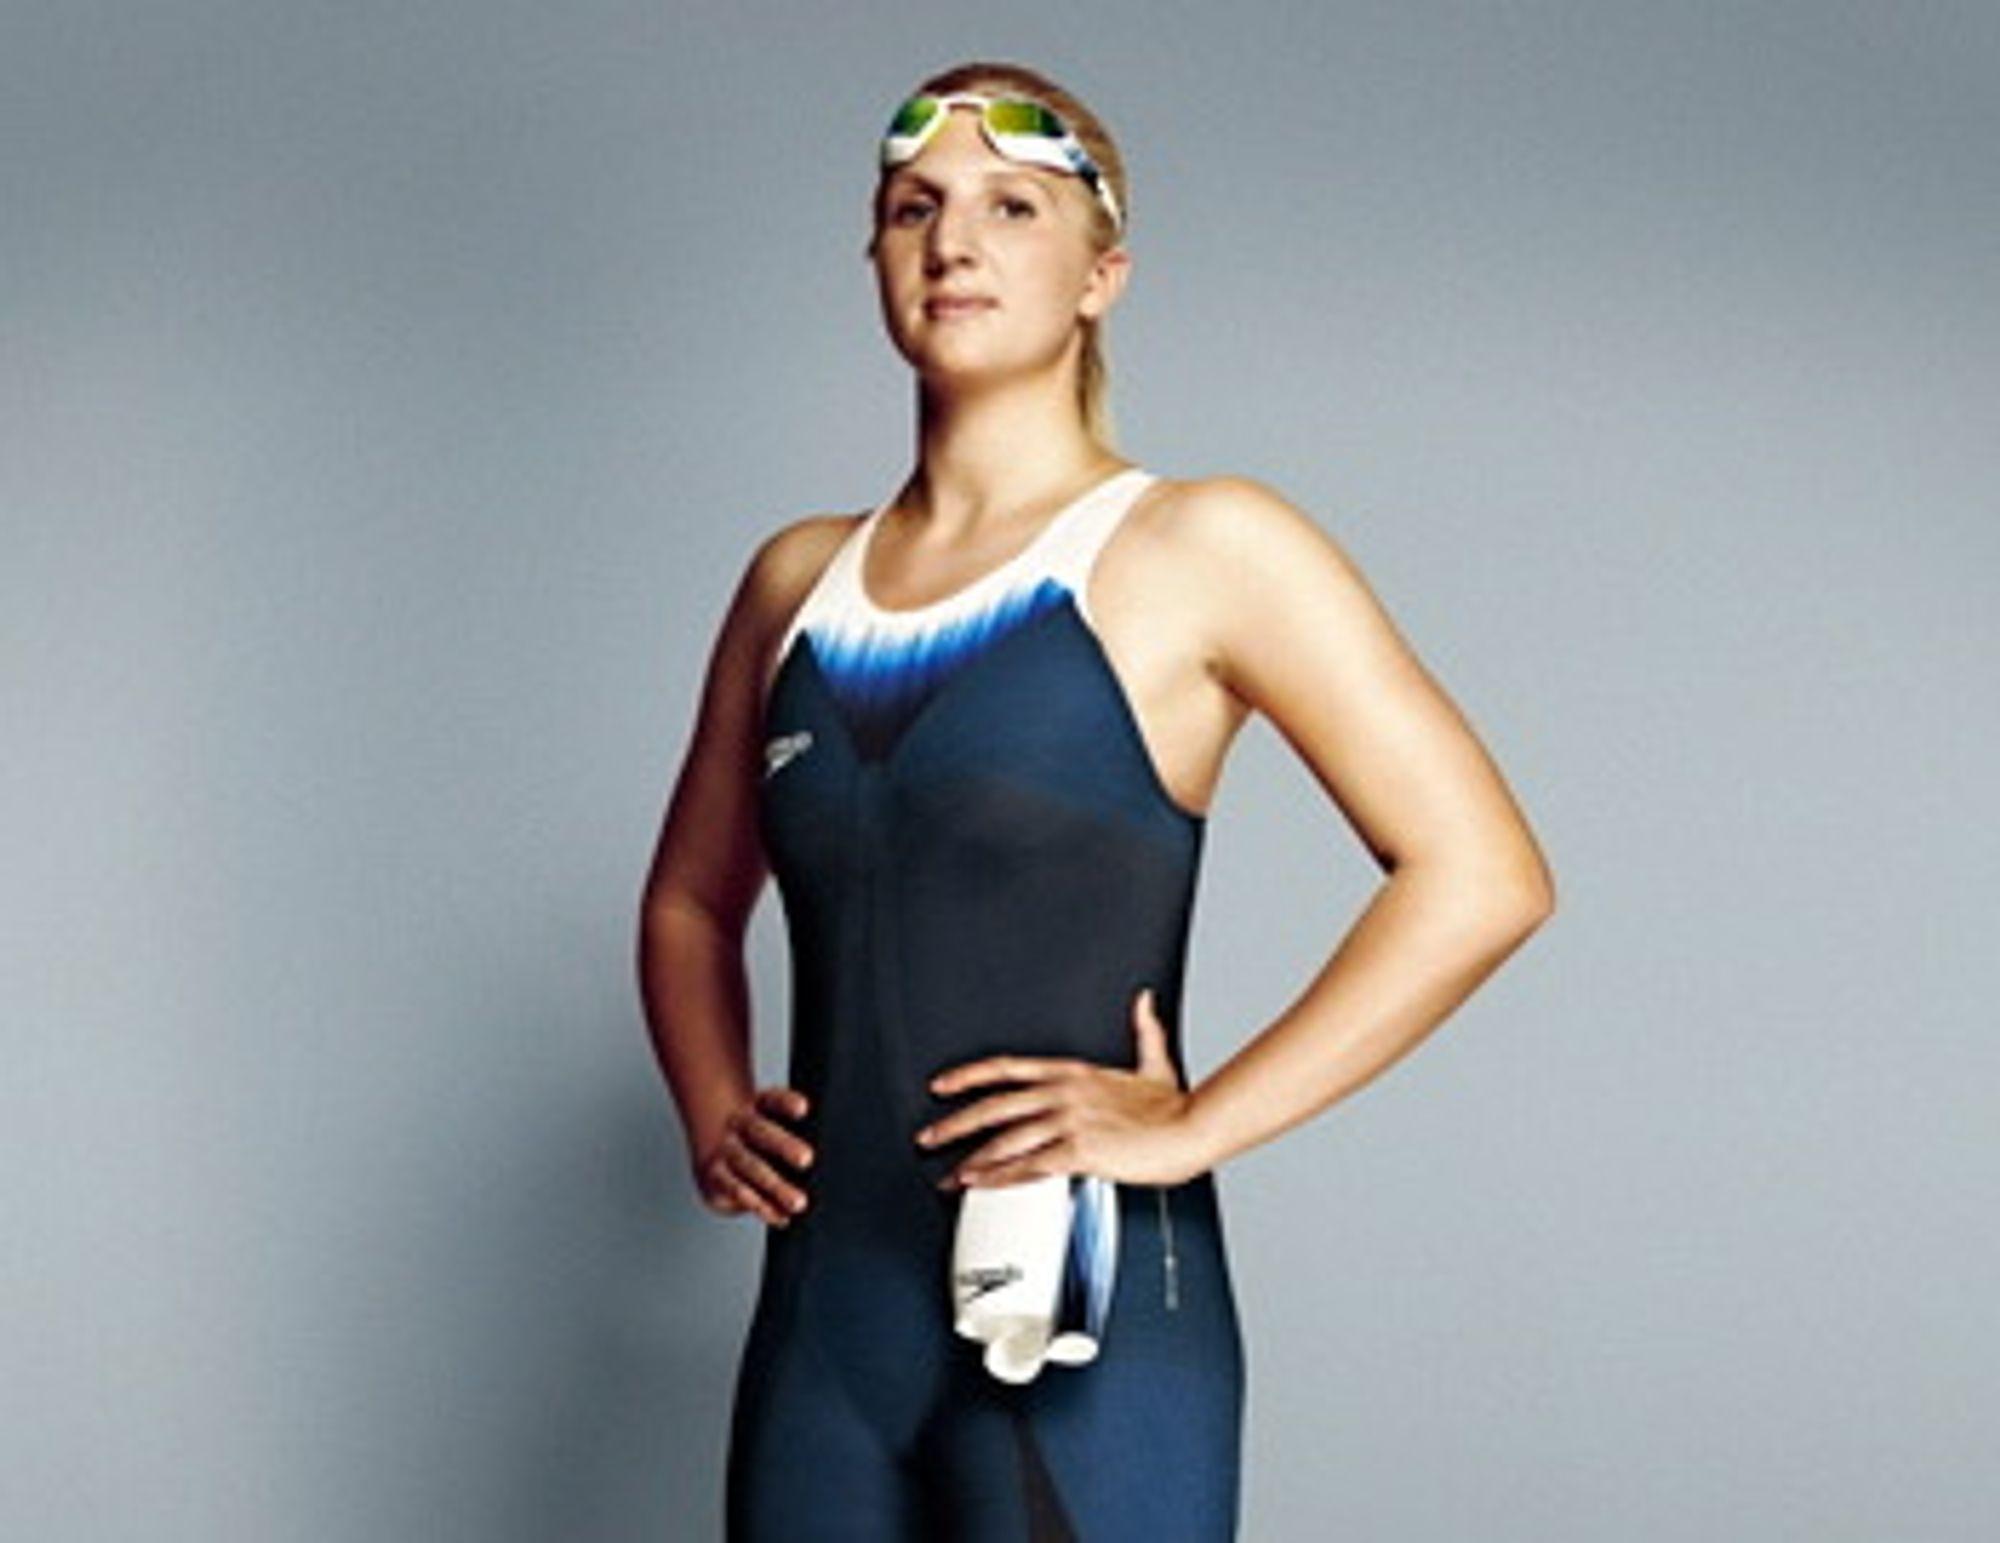 For en uøvd kvinnelig utøver, kan det ta opptil en time å få på seg Speedos nye svømmedrakt. På grunn av de strenge kravene til det internasjonale svømmeforbundet, må drakten taes på via åpningen til armen.